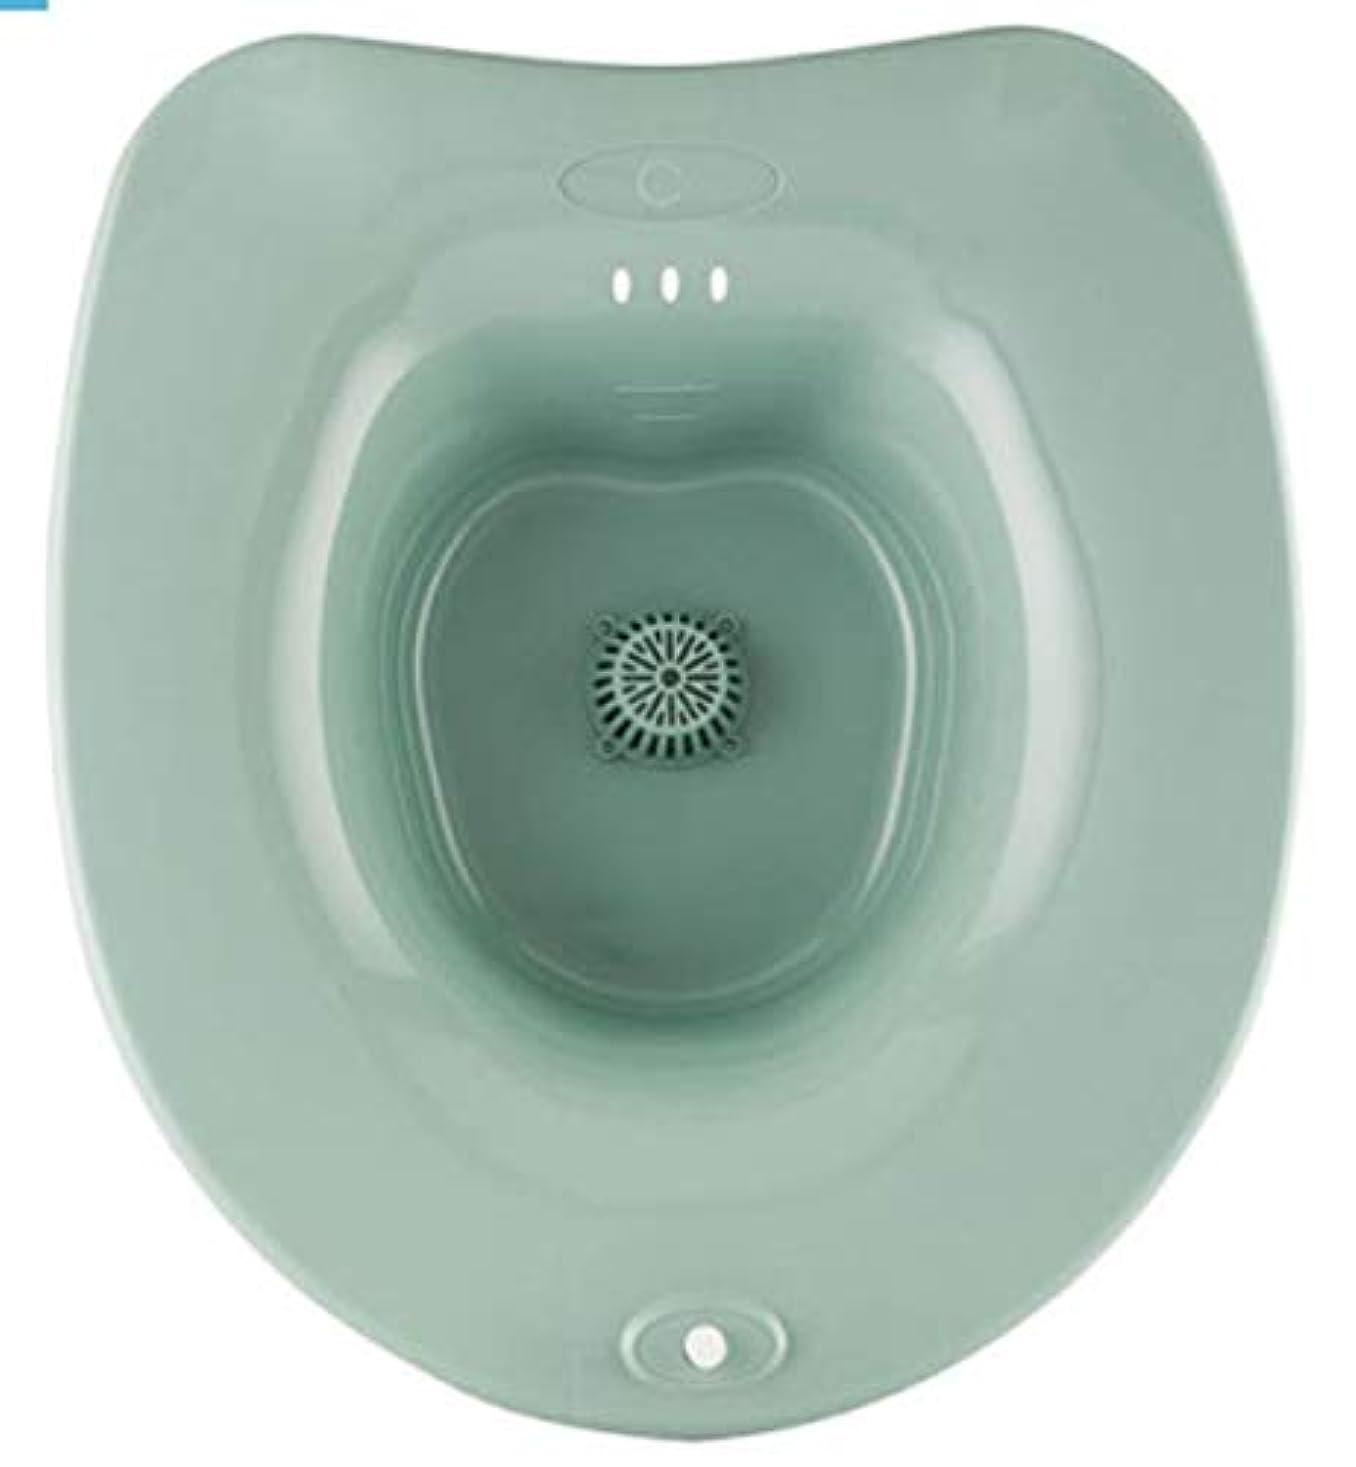 溶ける掻く手錠医師から座浴をお勧められた時、コードレス自動バブルお尻の座浴器、子宮健康、痔の悩み清潔、、、